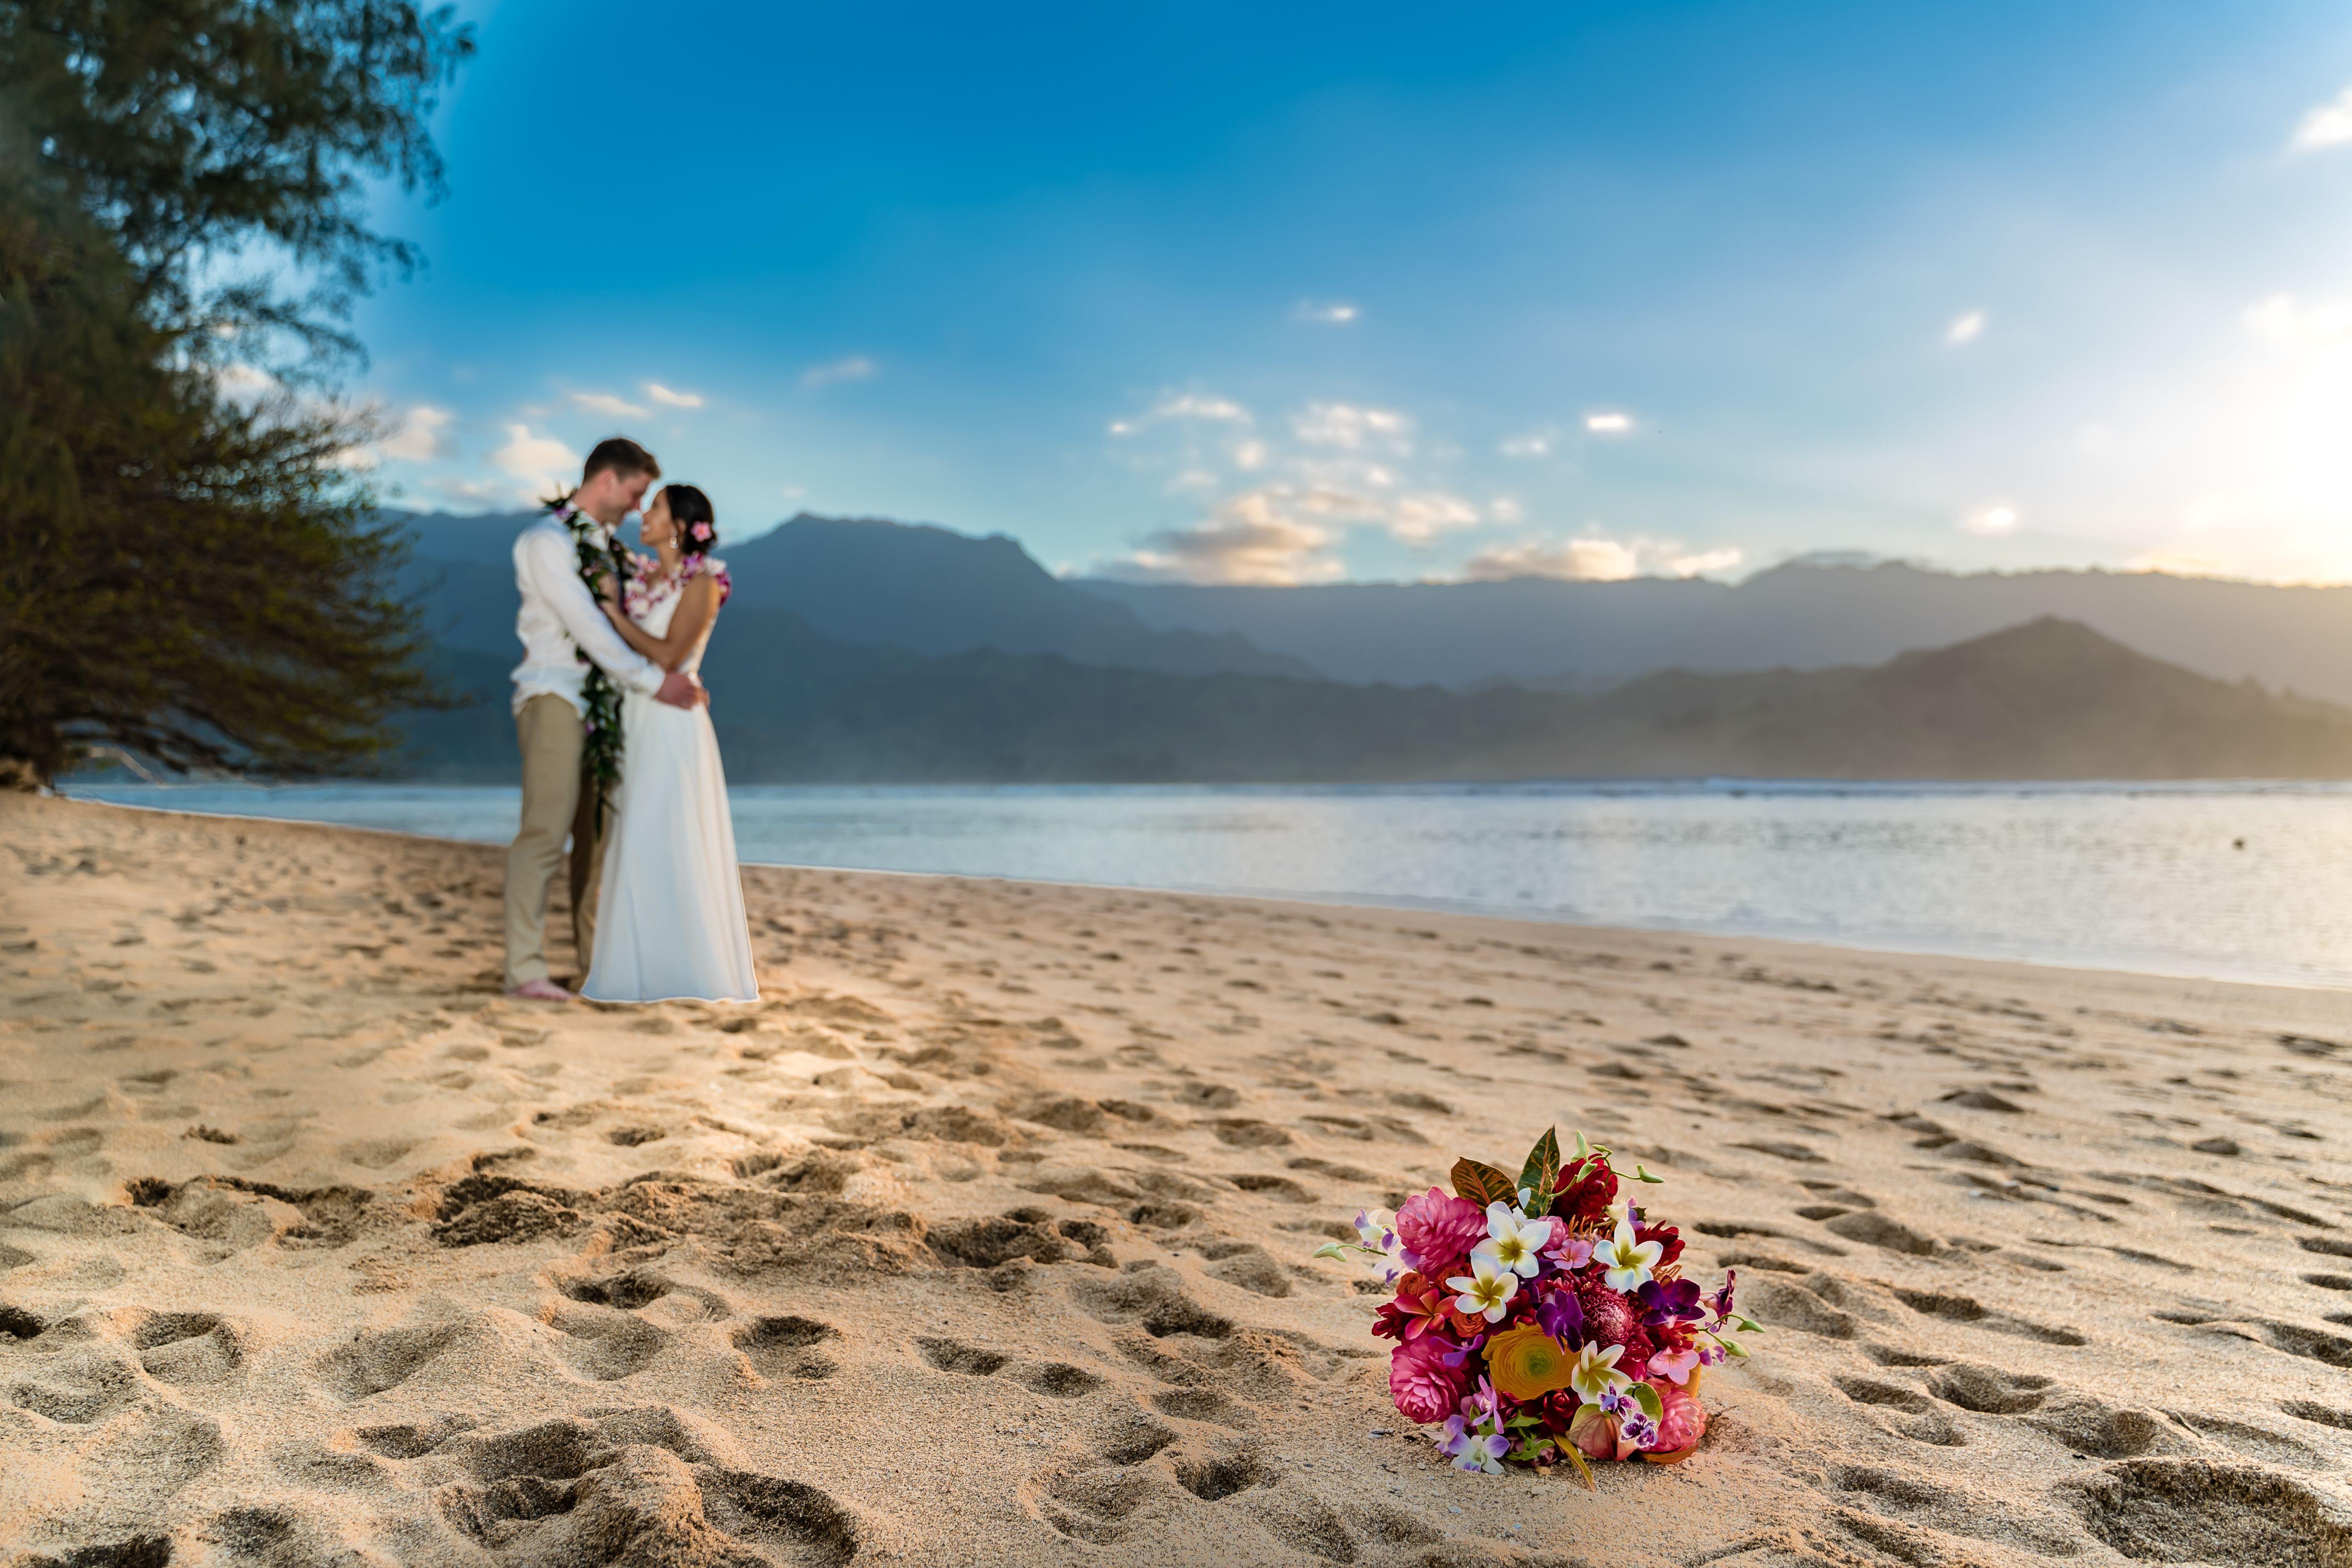 Beach Wedding Locations, Tropical